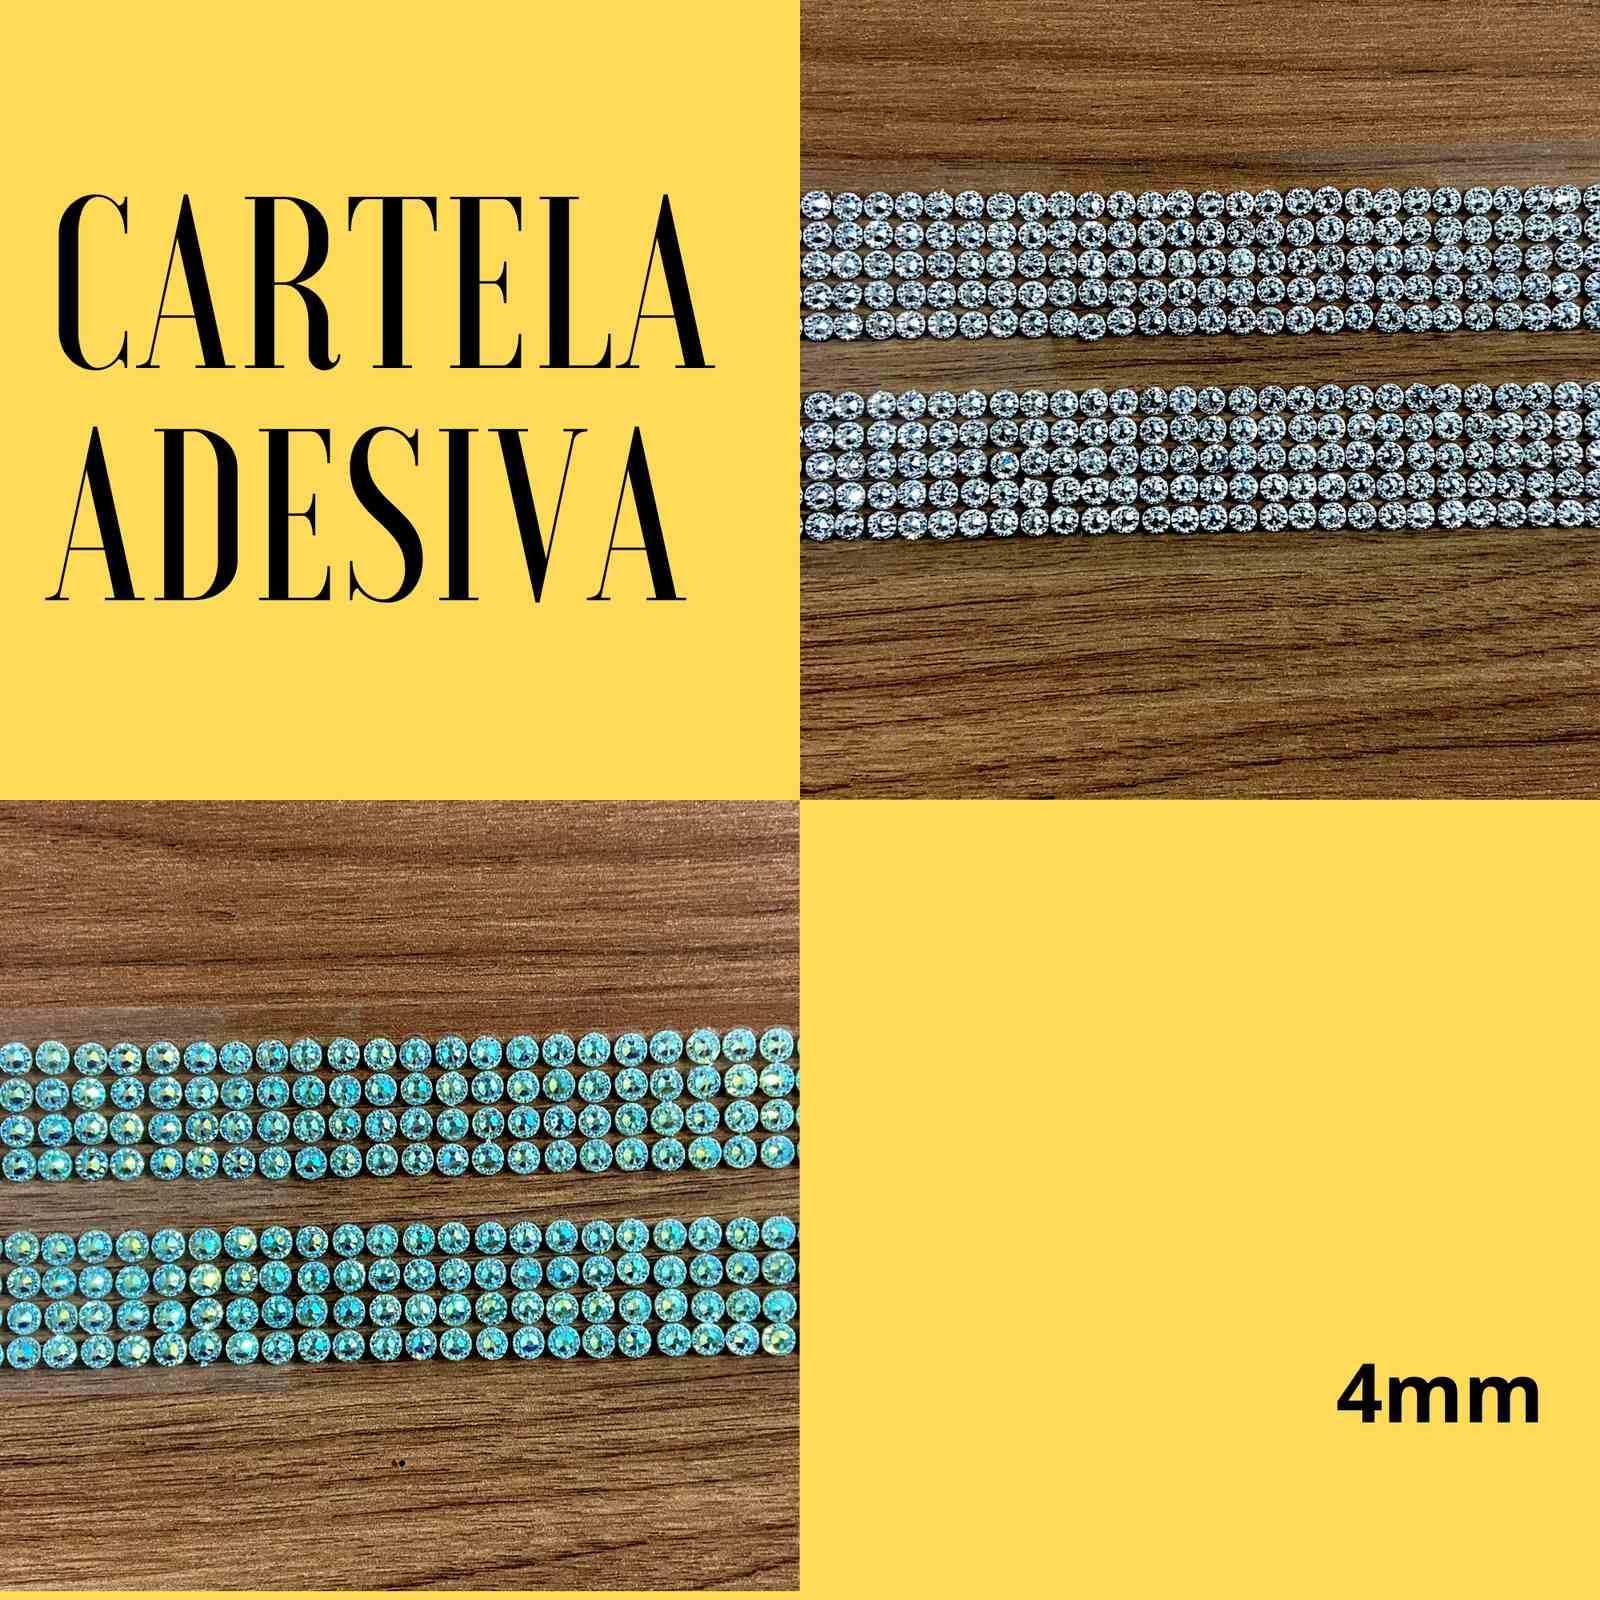 Cartela Adesiva Brilhante 4mm c/876 unidades